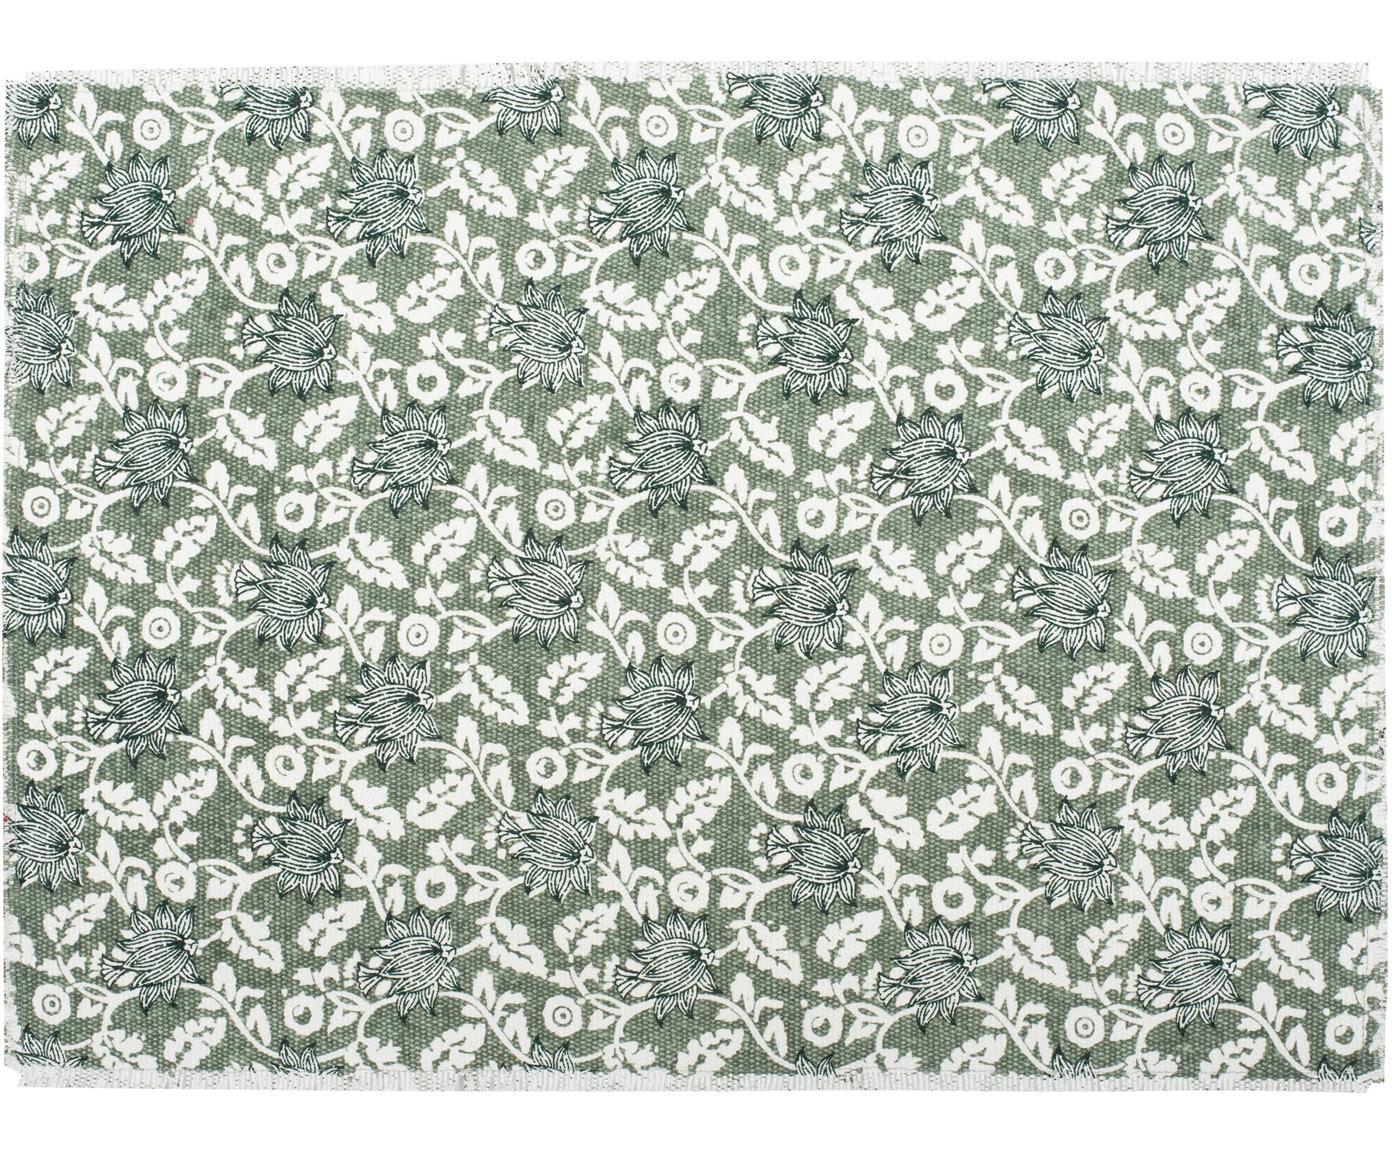 Baumwoll-Tischsets Gaya mit Blumenprint, 2 Stück, Baumwolle, Grüntöne, 35 x 38 cm